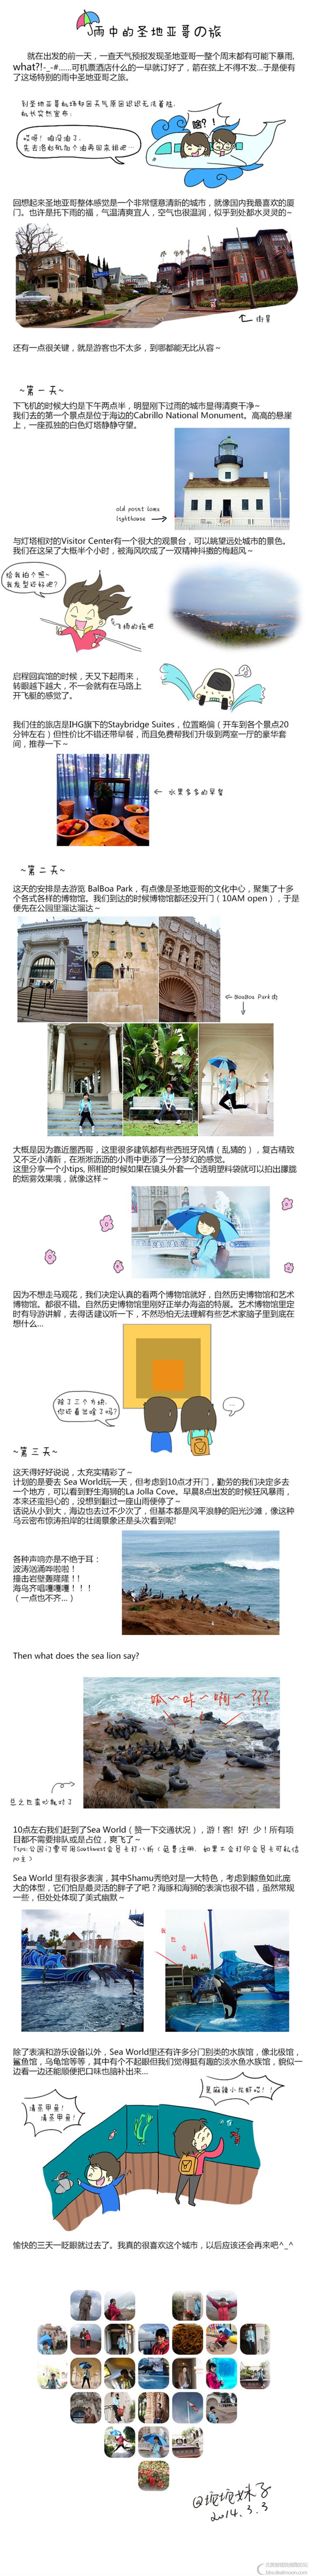 圣地亚哥游记_副本.png